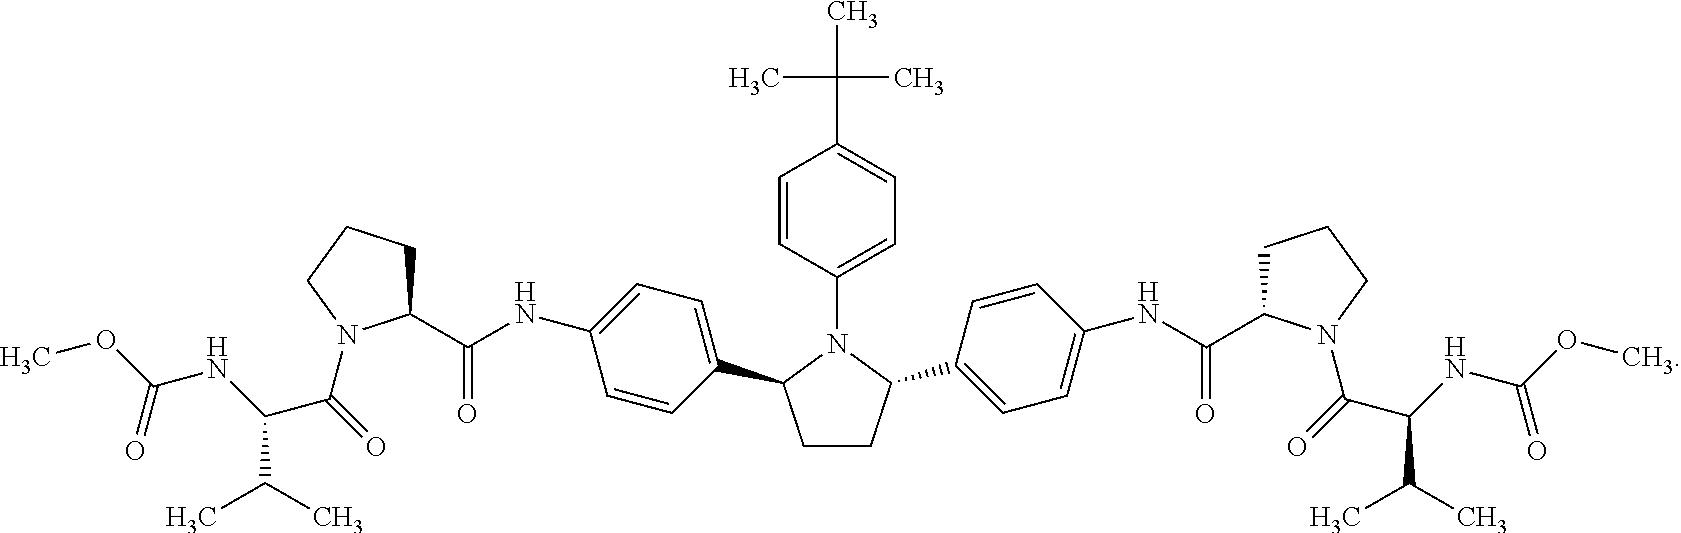 Figure US09333204-20160510-C00002